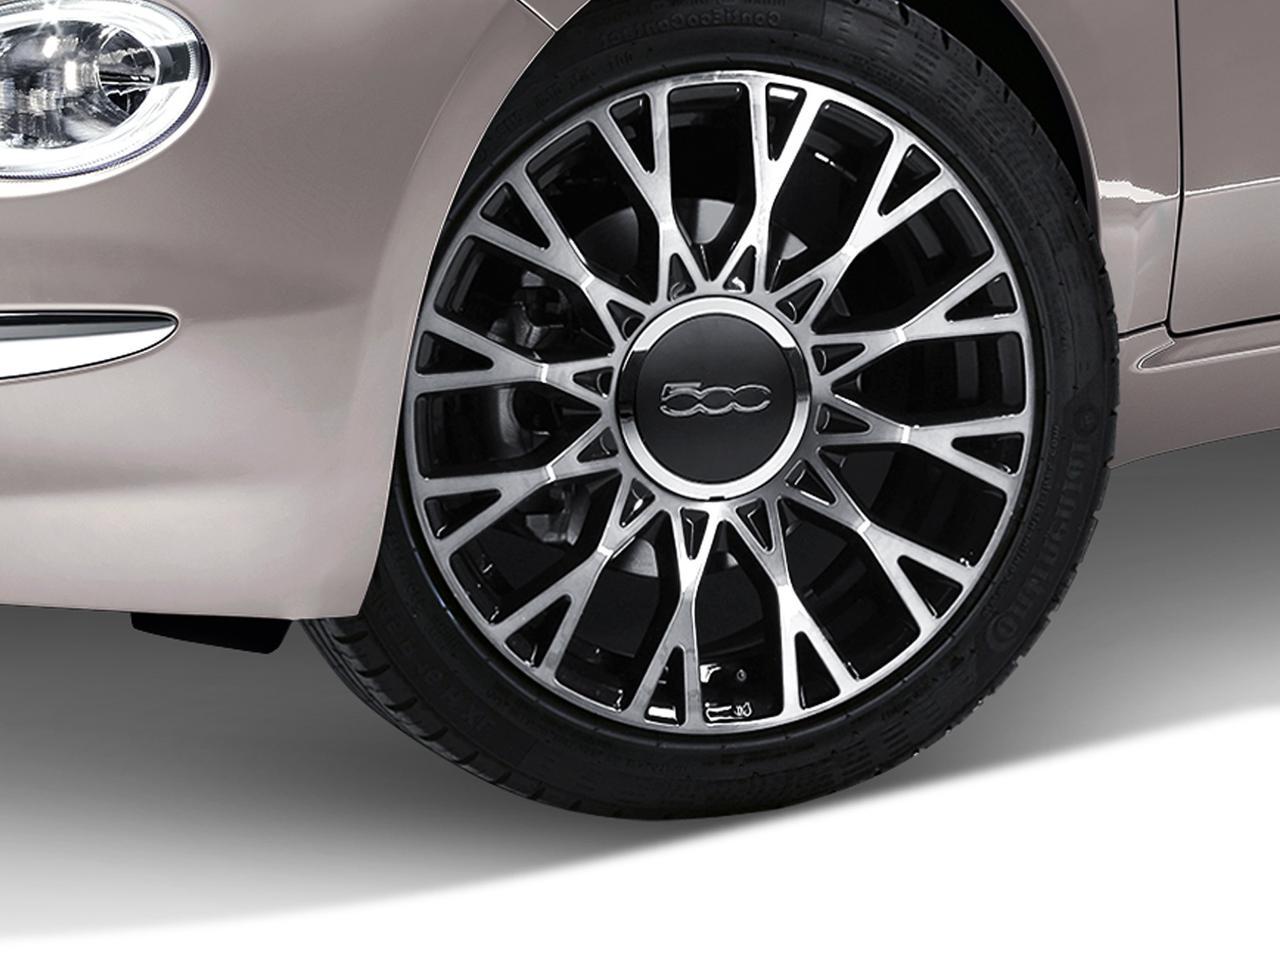 Images : 5番目の画像 - 限定車「フィアット500/ 500C イレジスティービレ(Irresistibile)」 - Webモーターマガジン